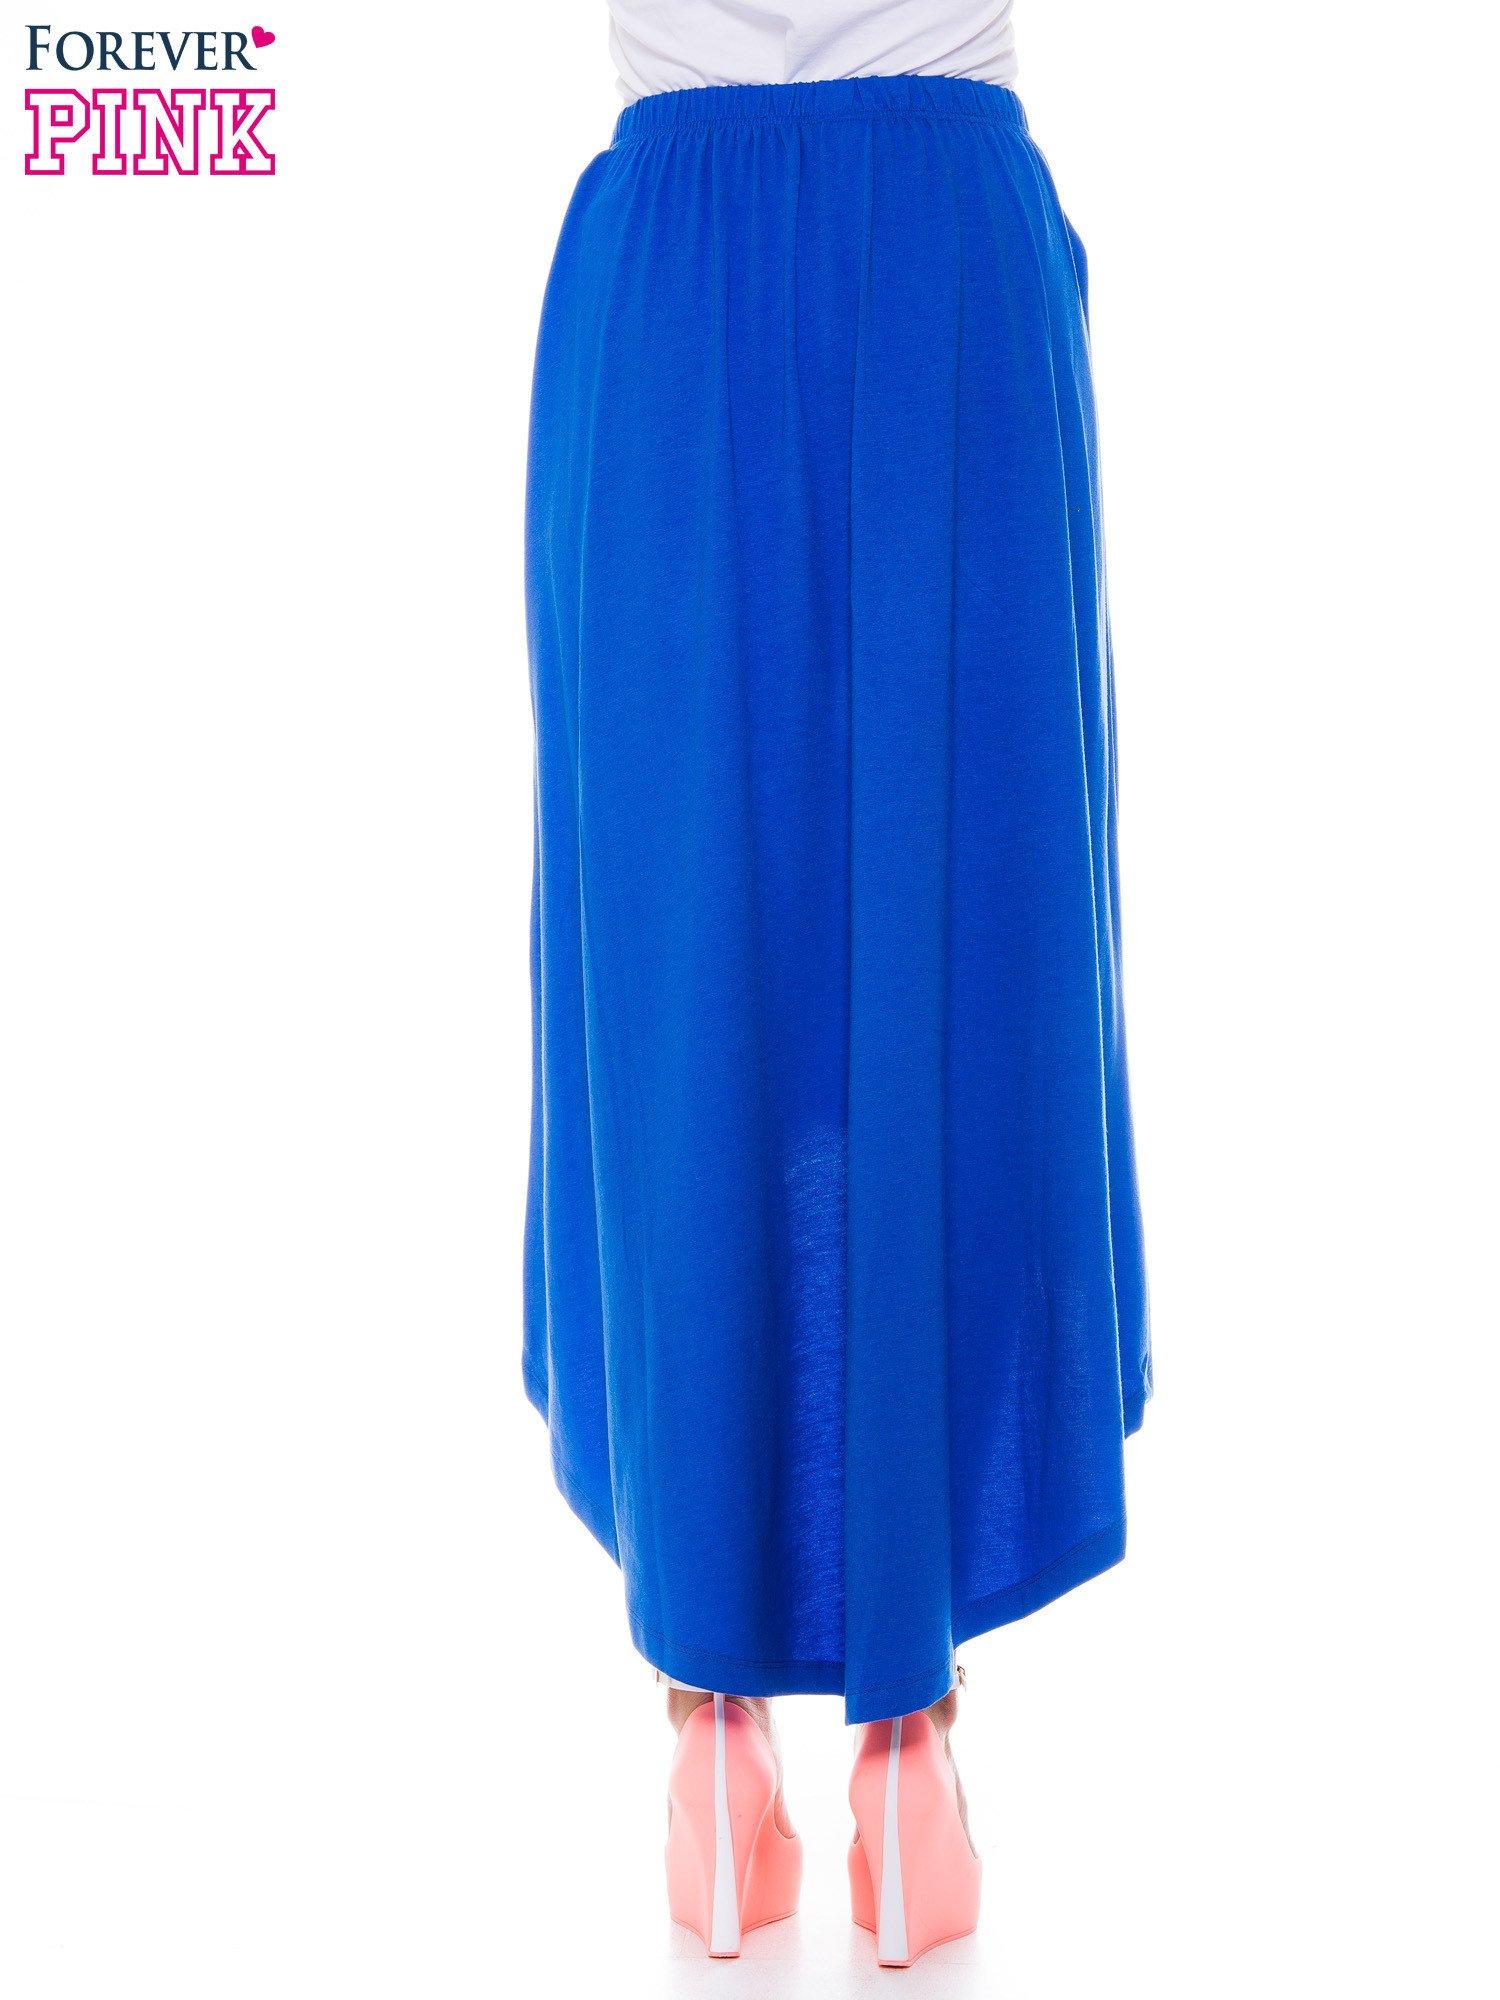 Niebieska zwiewna spódnica z dłuższym tyłem                                  zdj.                                  3